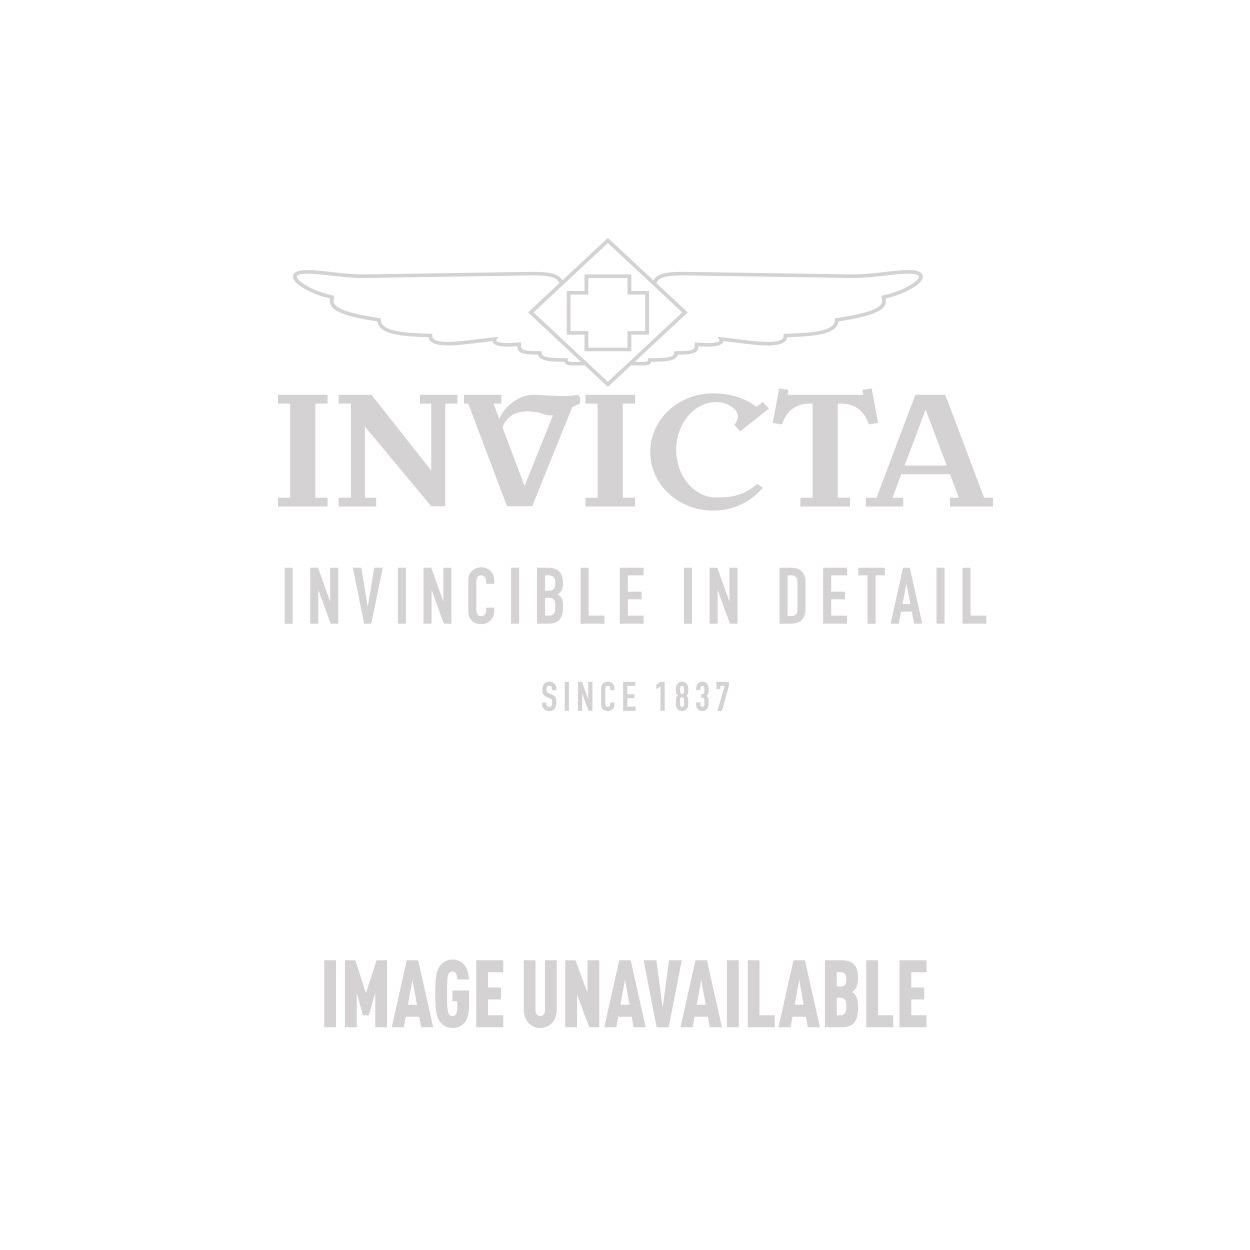 Invicta Model 25009